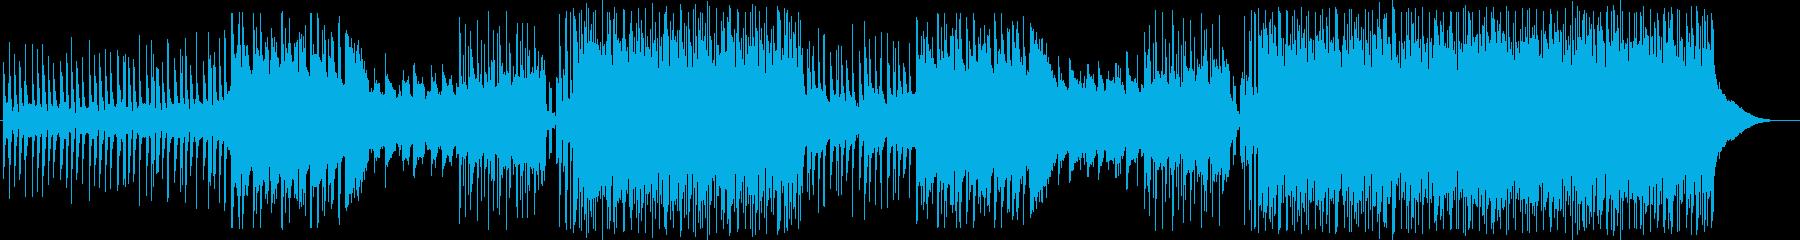 夕焼けを感じさせるチルアウトなEDMの再生済みの波形